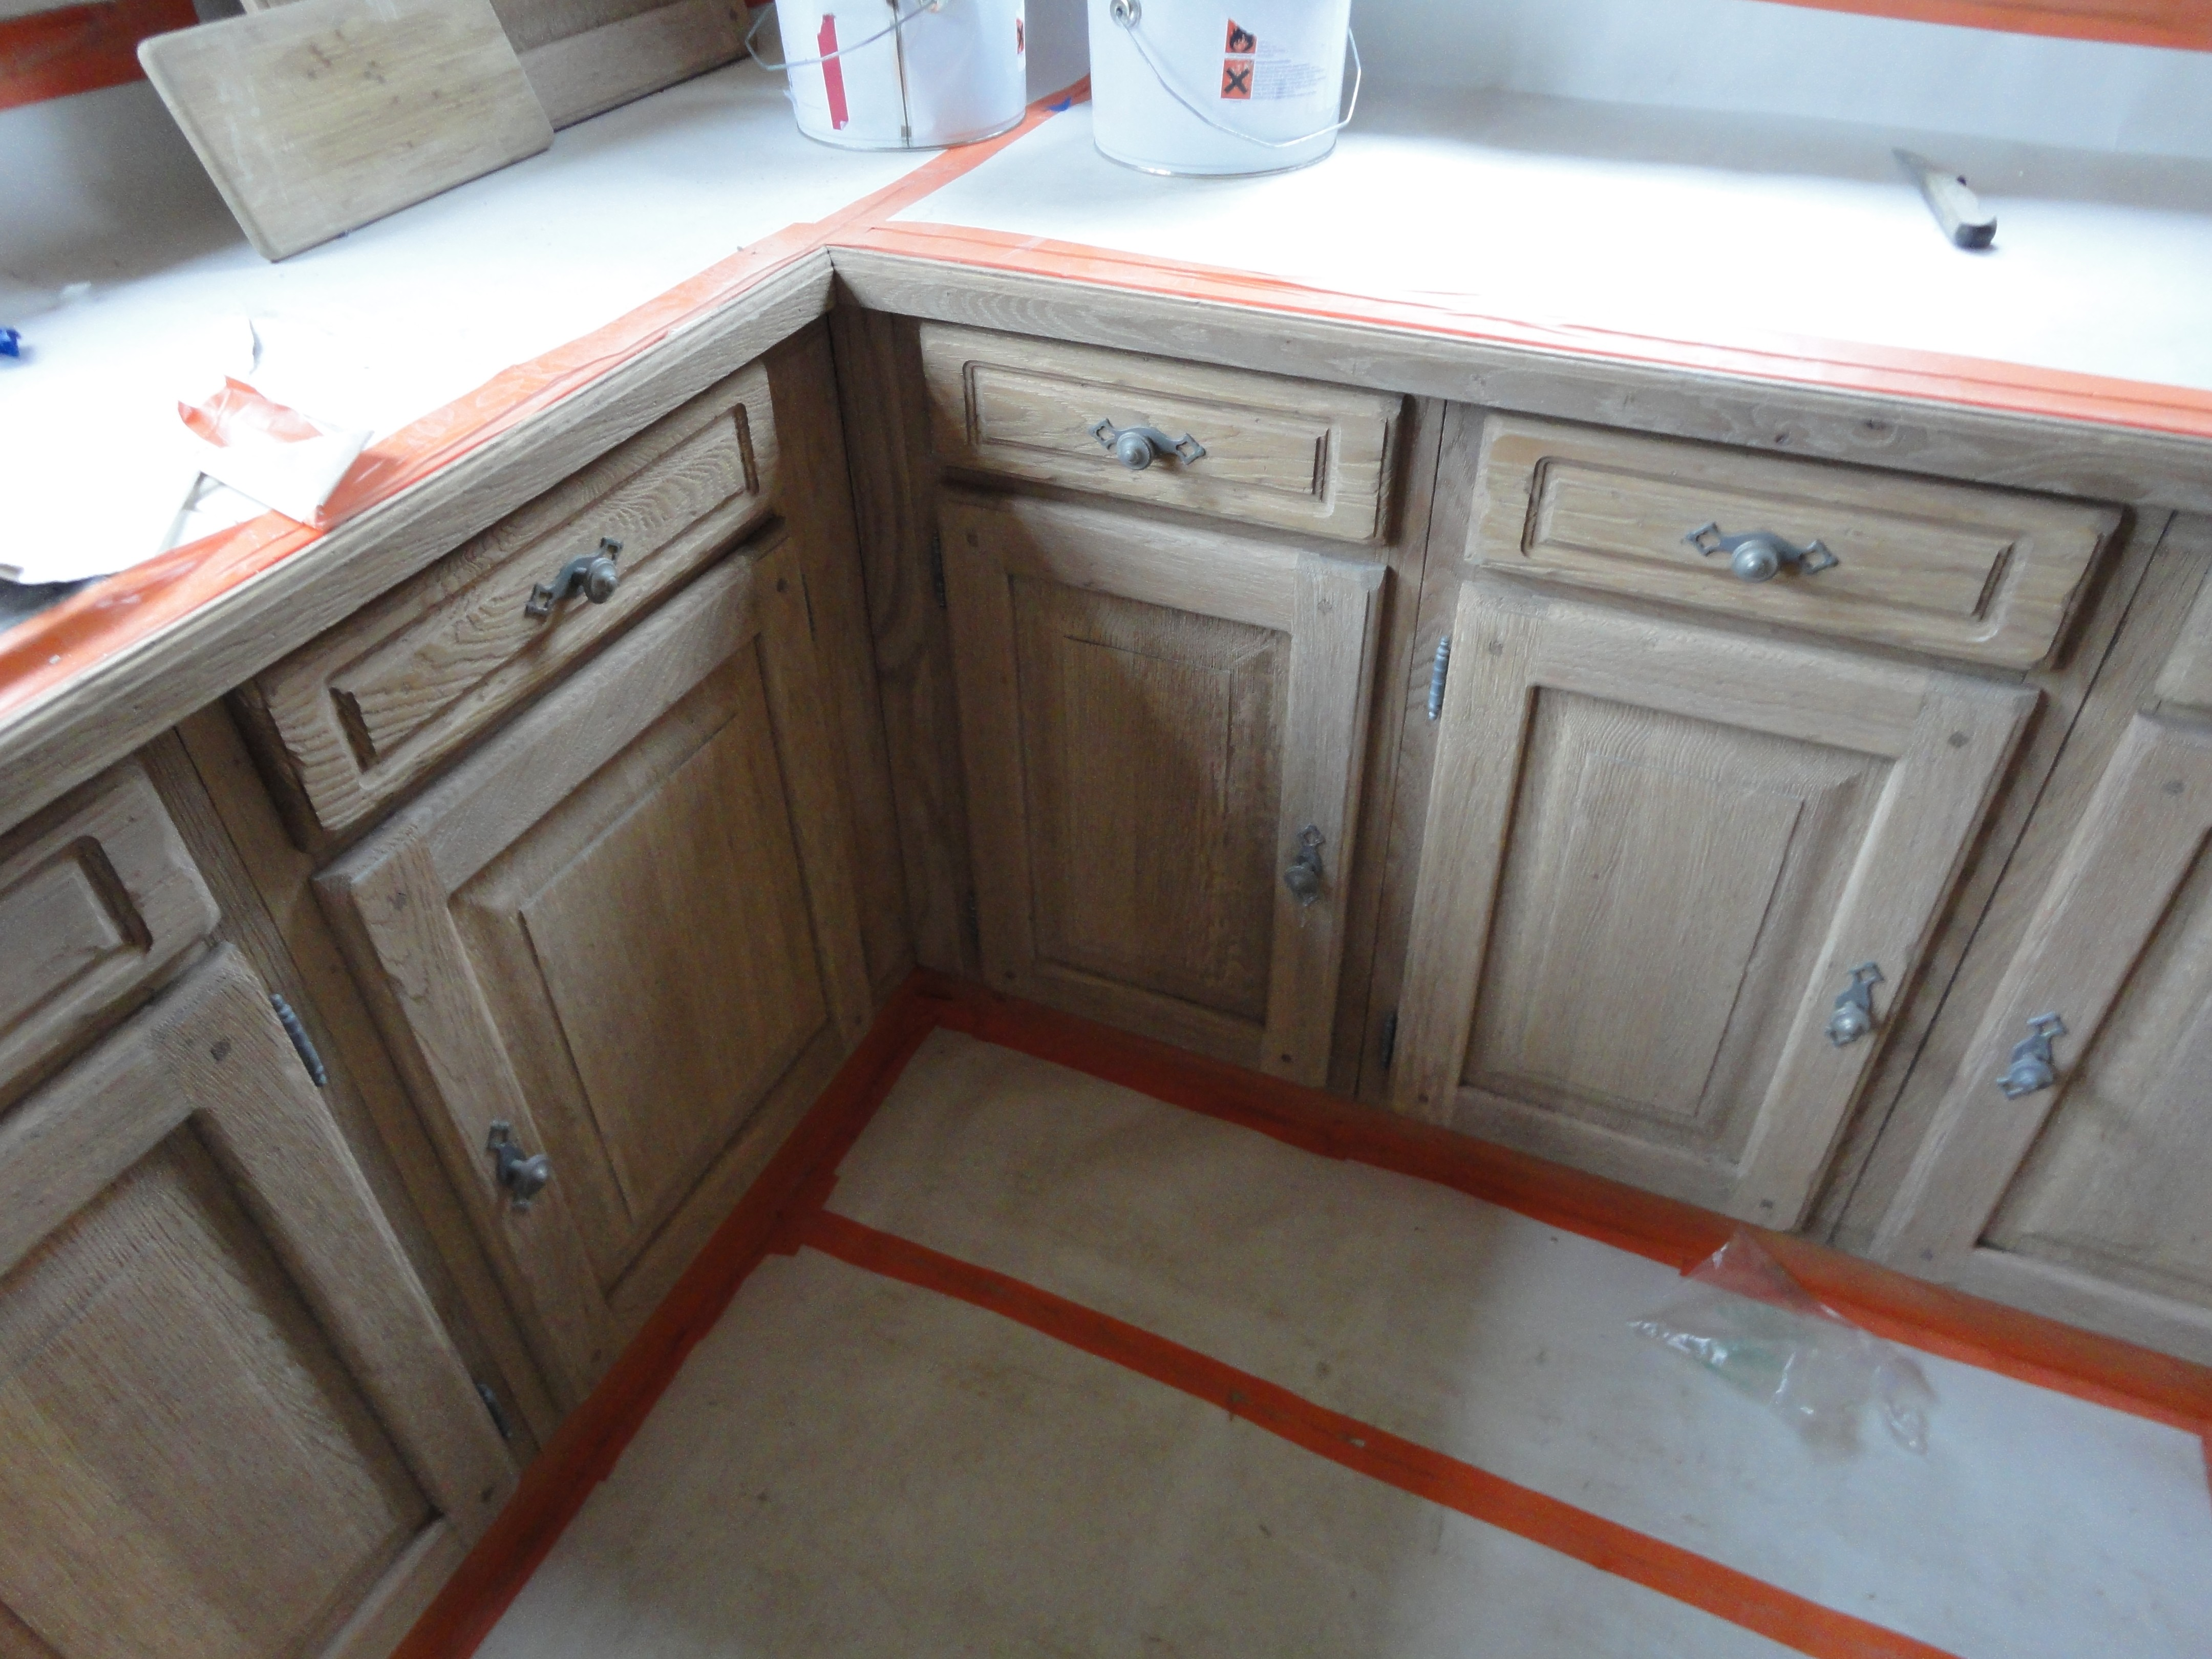 Eiken Keuken Opknappen : Zandstralen keuken renoveren van massieve eiken keukens